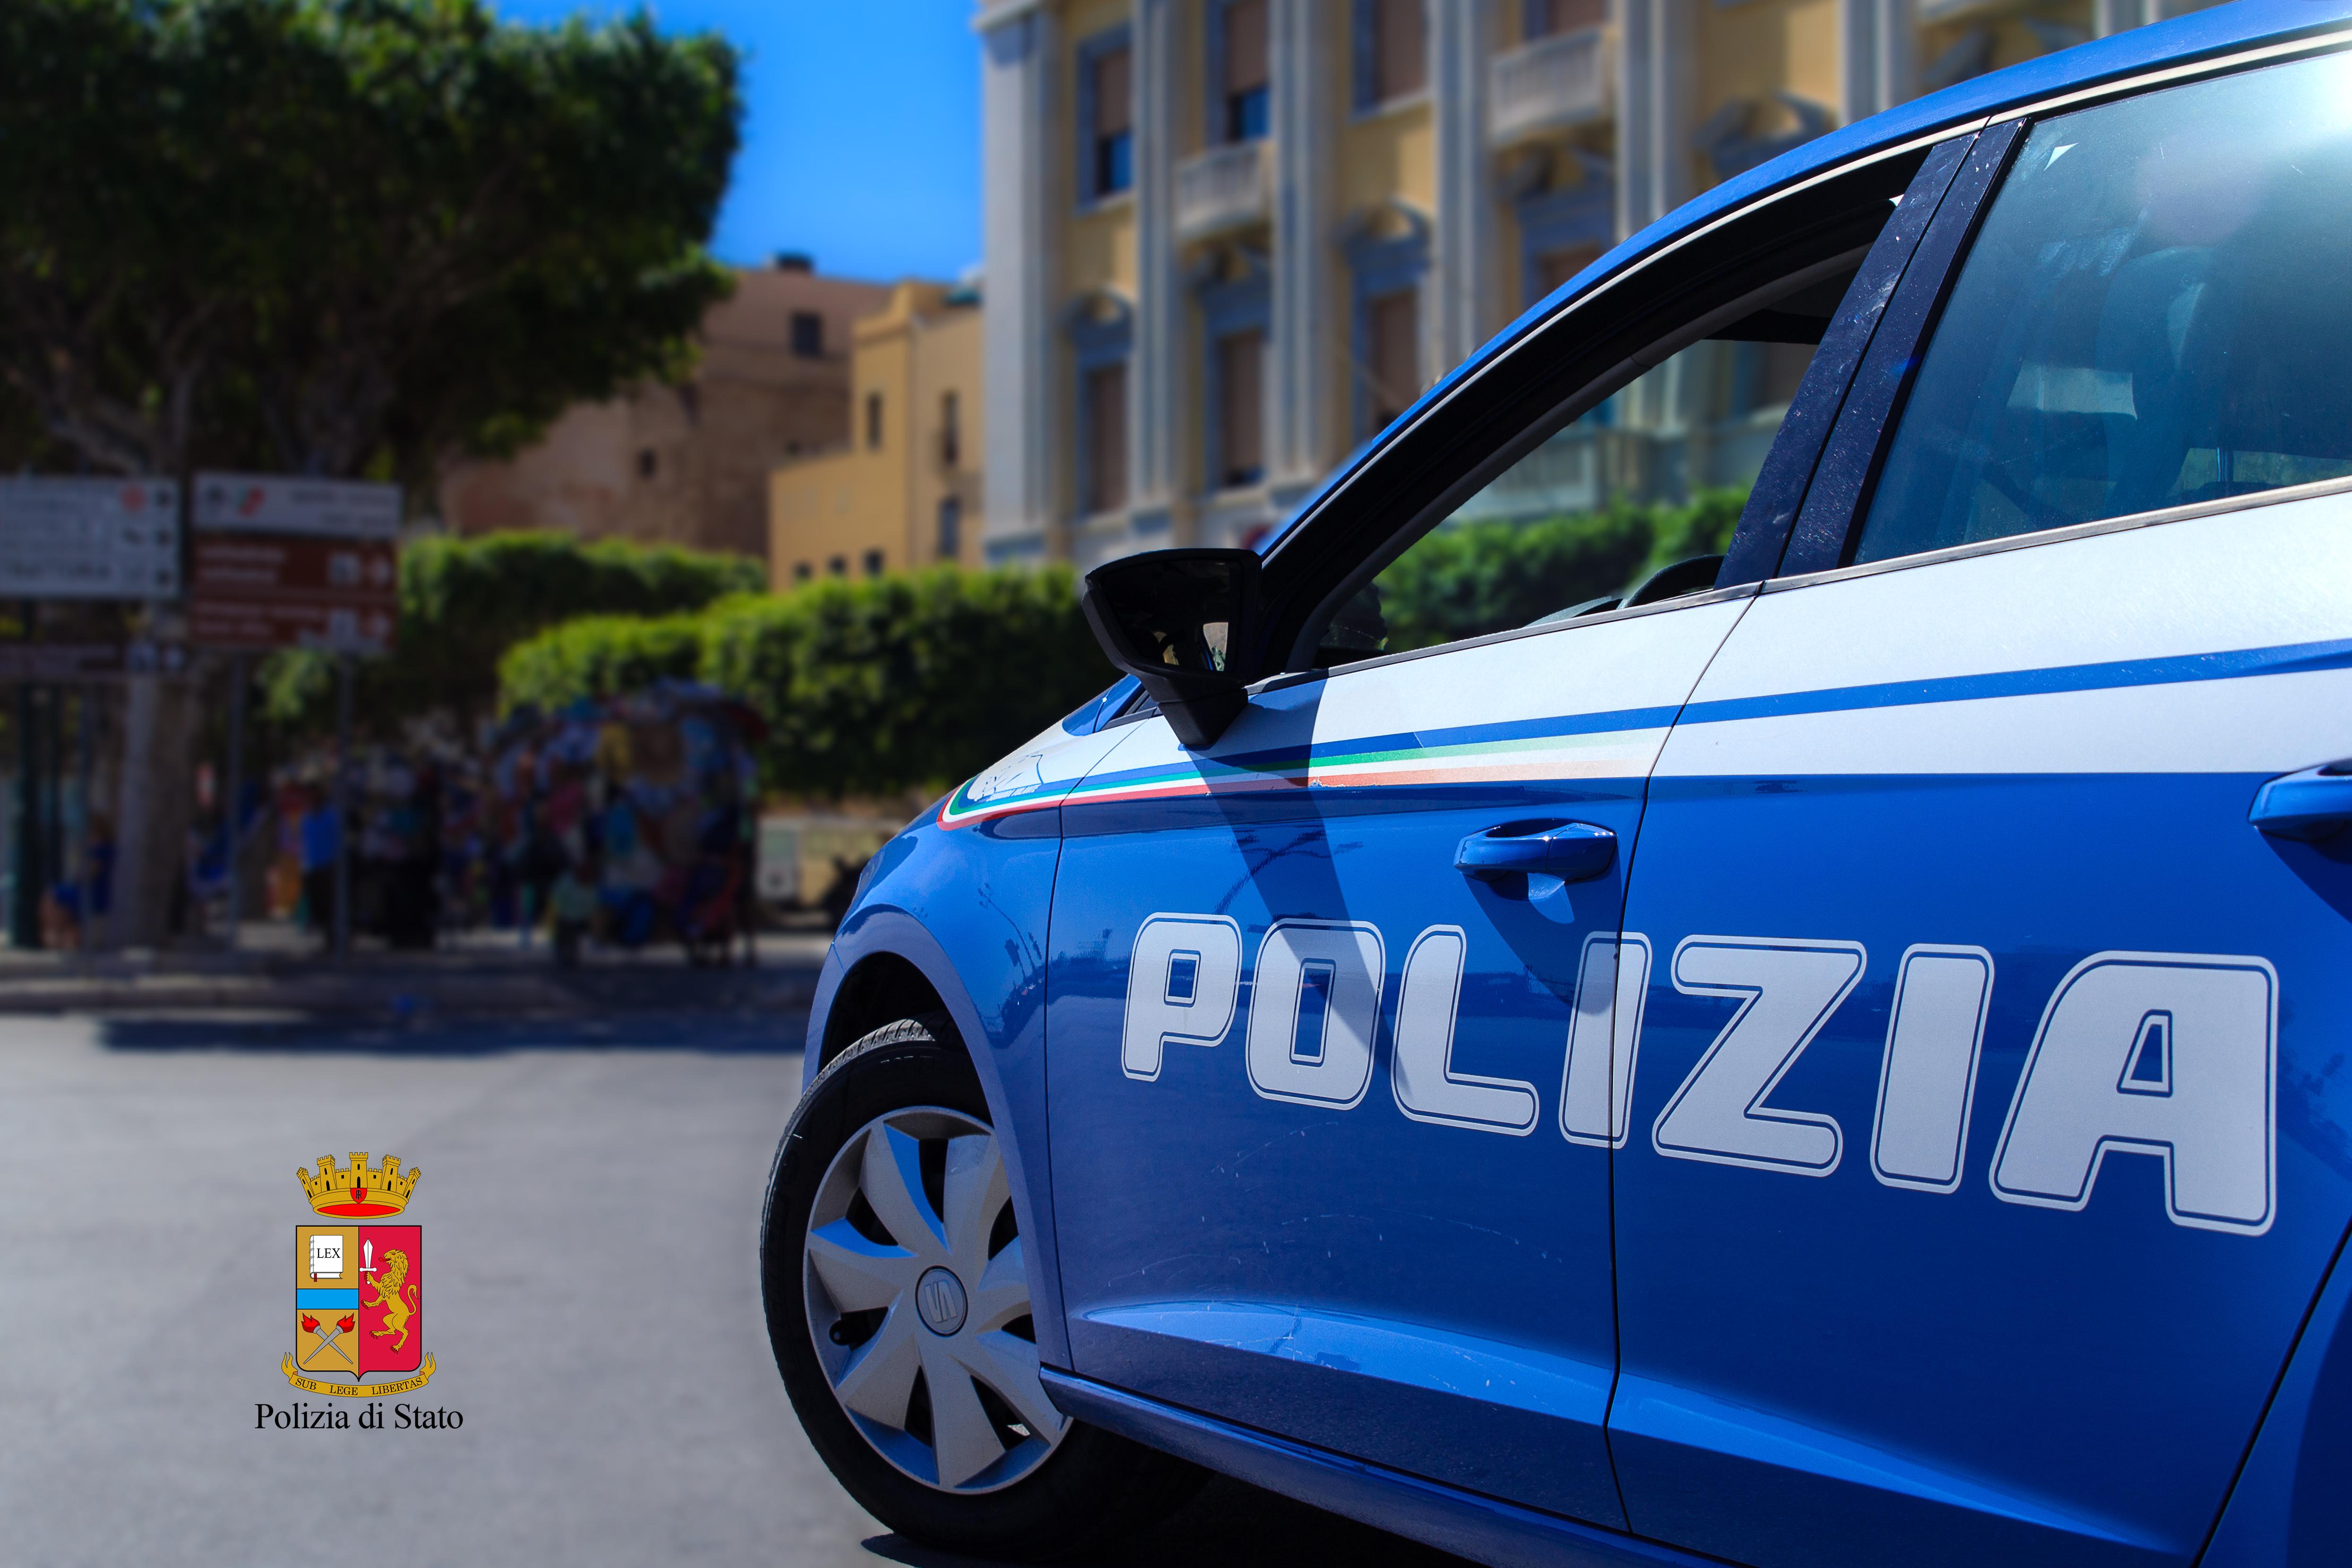 Violenza domestica a Trapani, arrestato un 29enne per le ripetute aggressioni alla madre